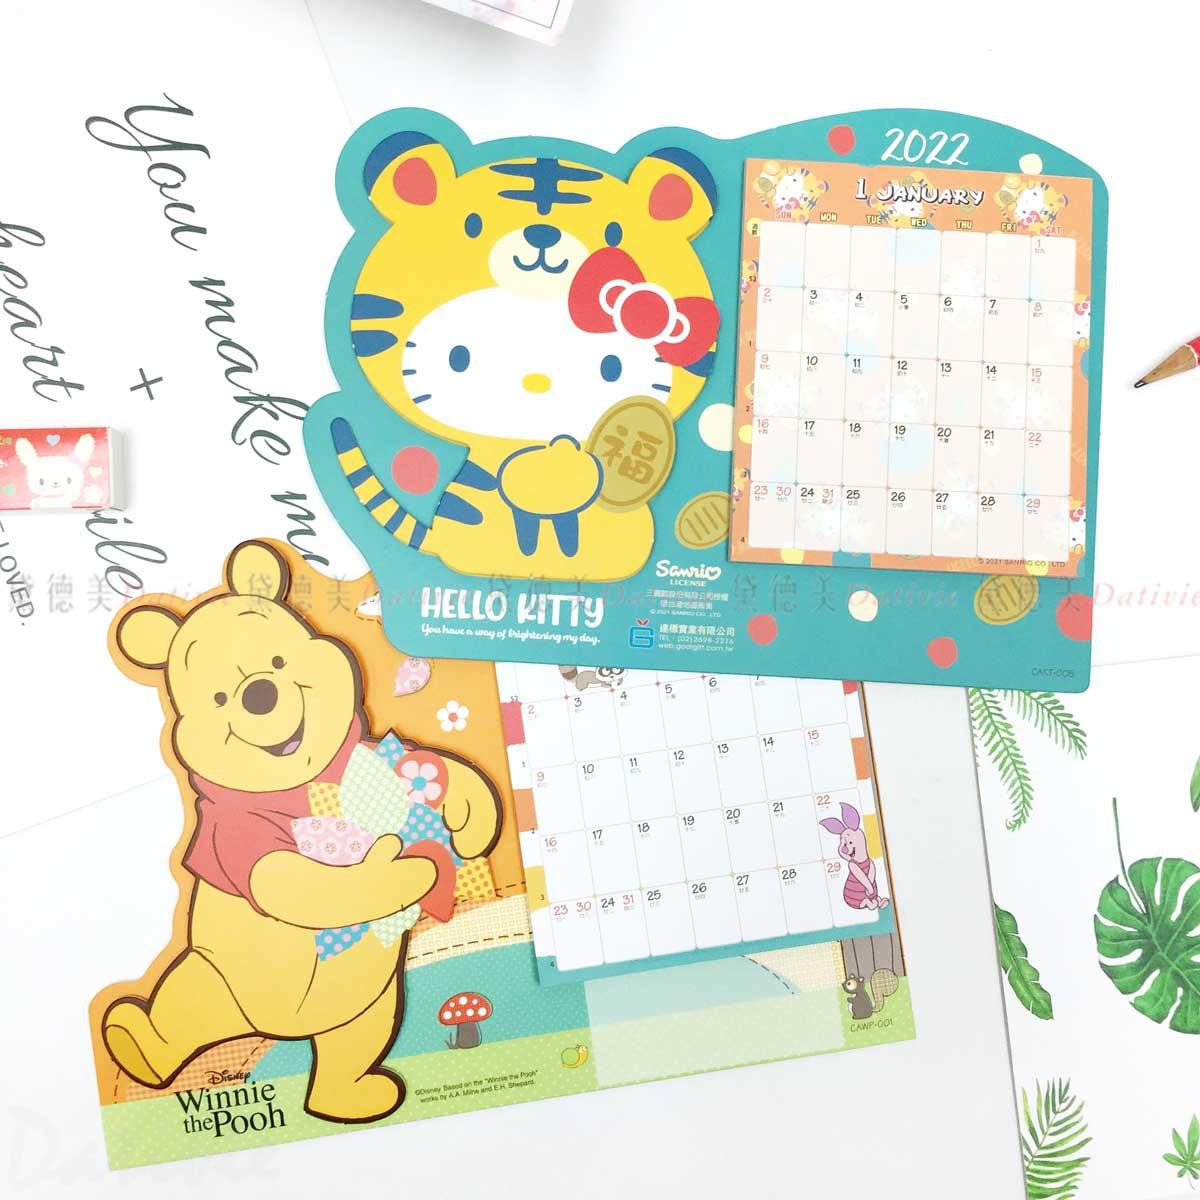 2022年 立體桌曆-凱蒂貓 小熊維尼 HELLO KITTY POOH 迪士尼 DISNEY 正版授權